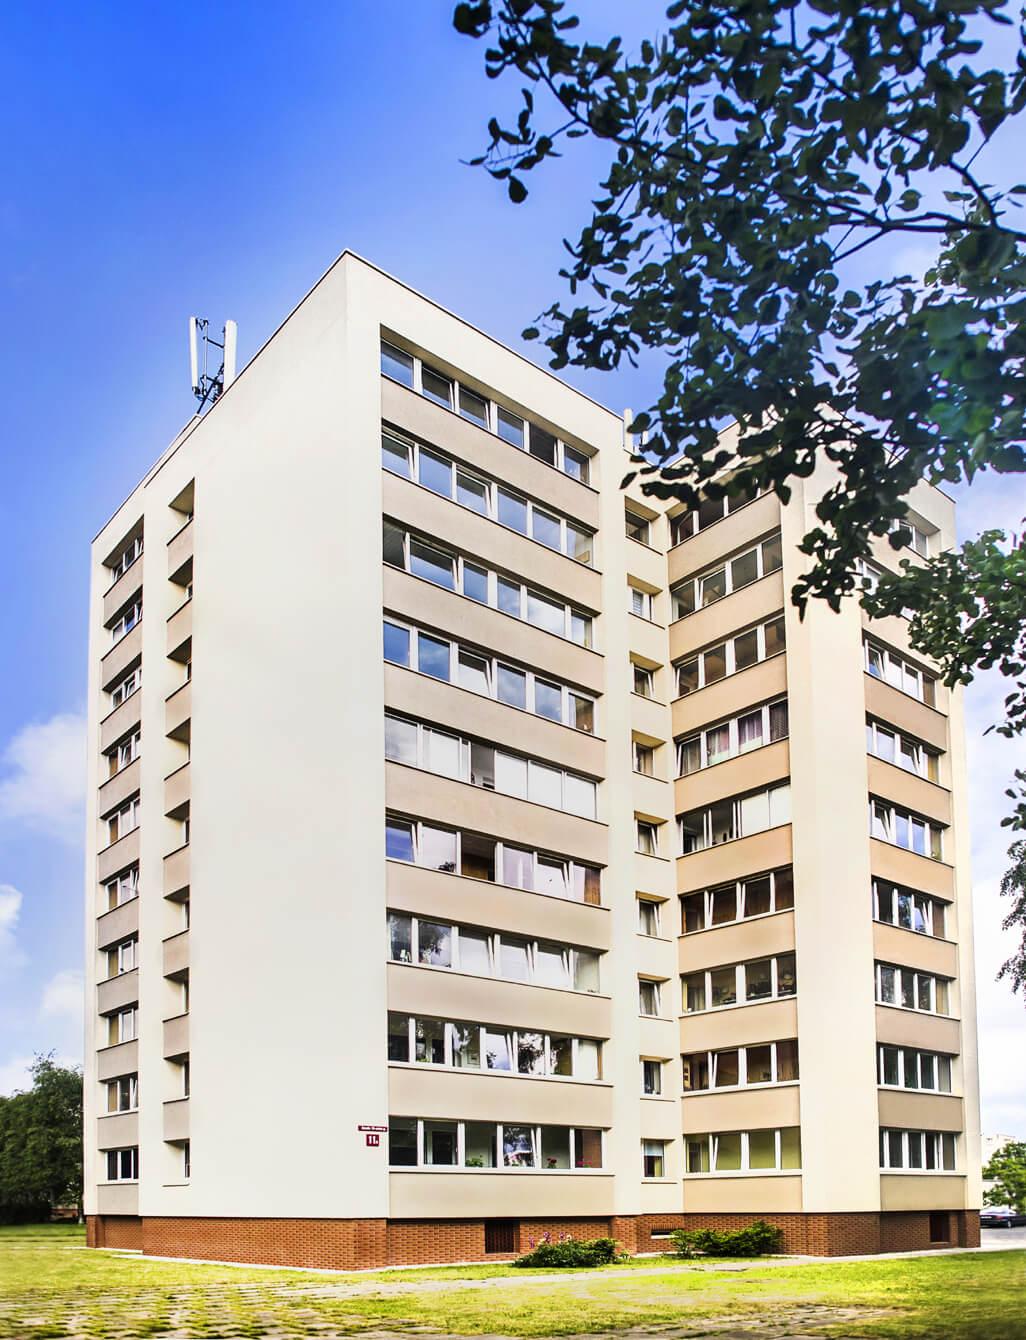 Sausio 15-osios g. 11A, Klaipėdoje, daugiabučio modernizacija